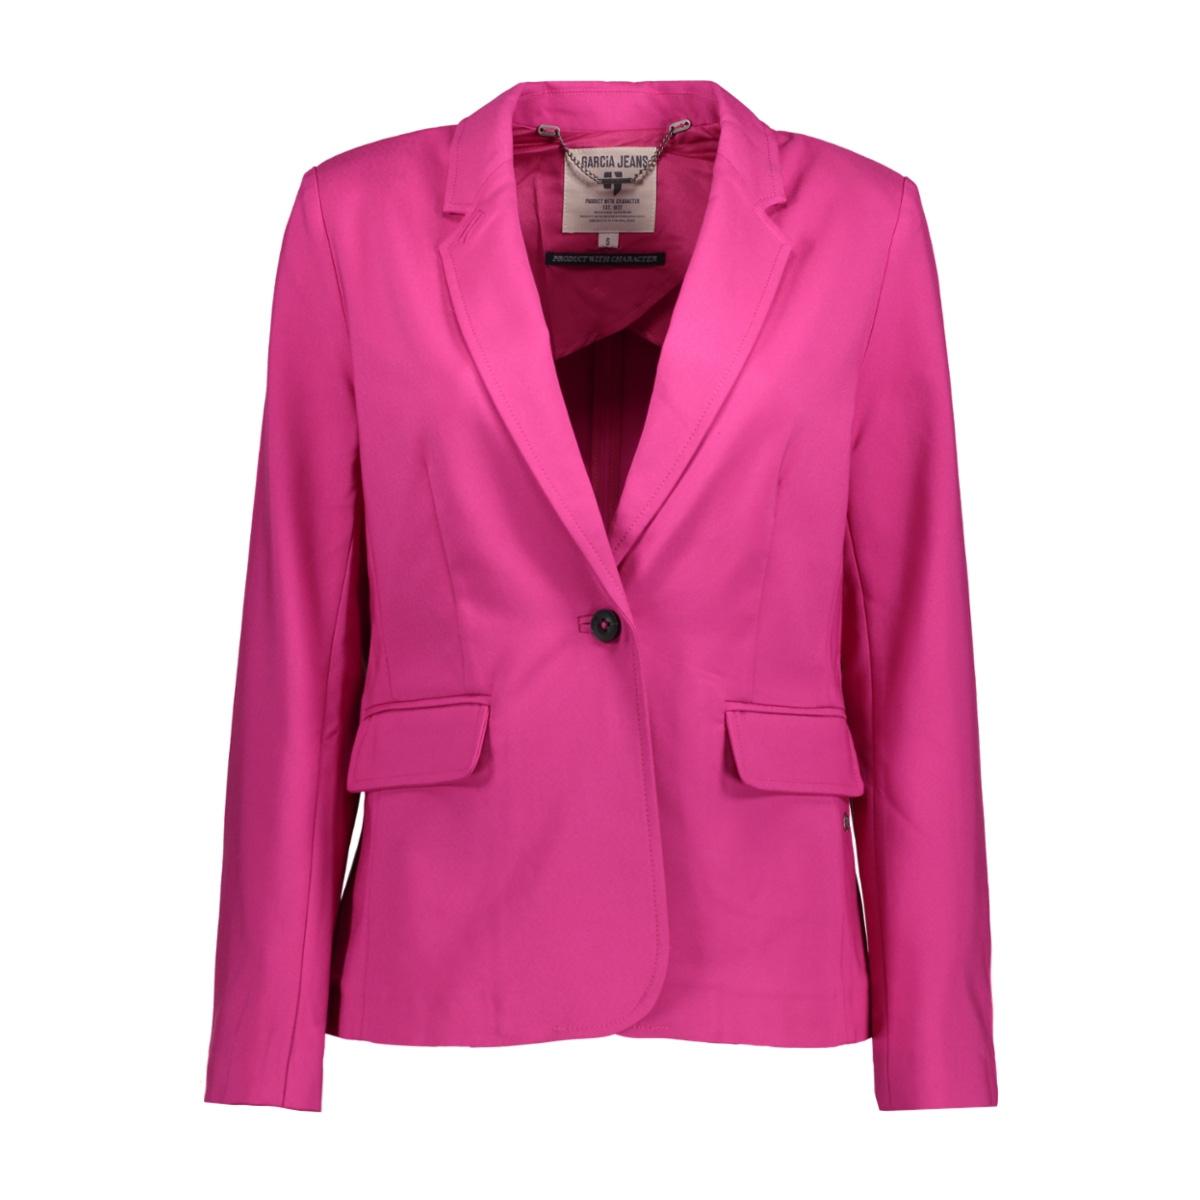 j70290 garcia blazer 39 fuchsia